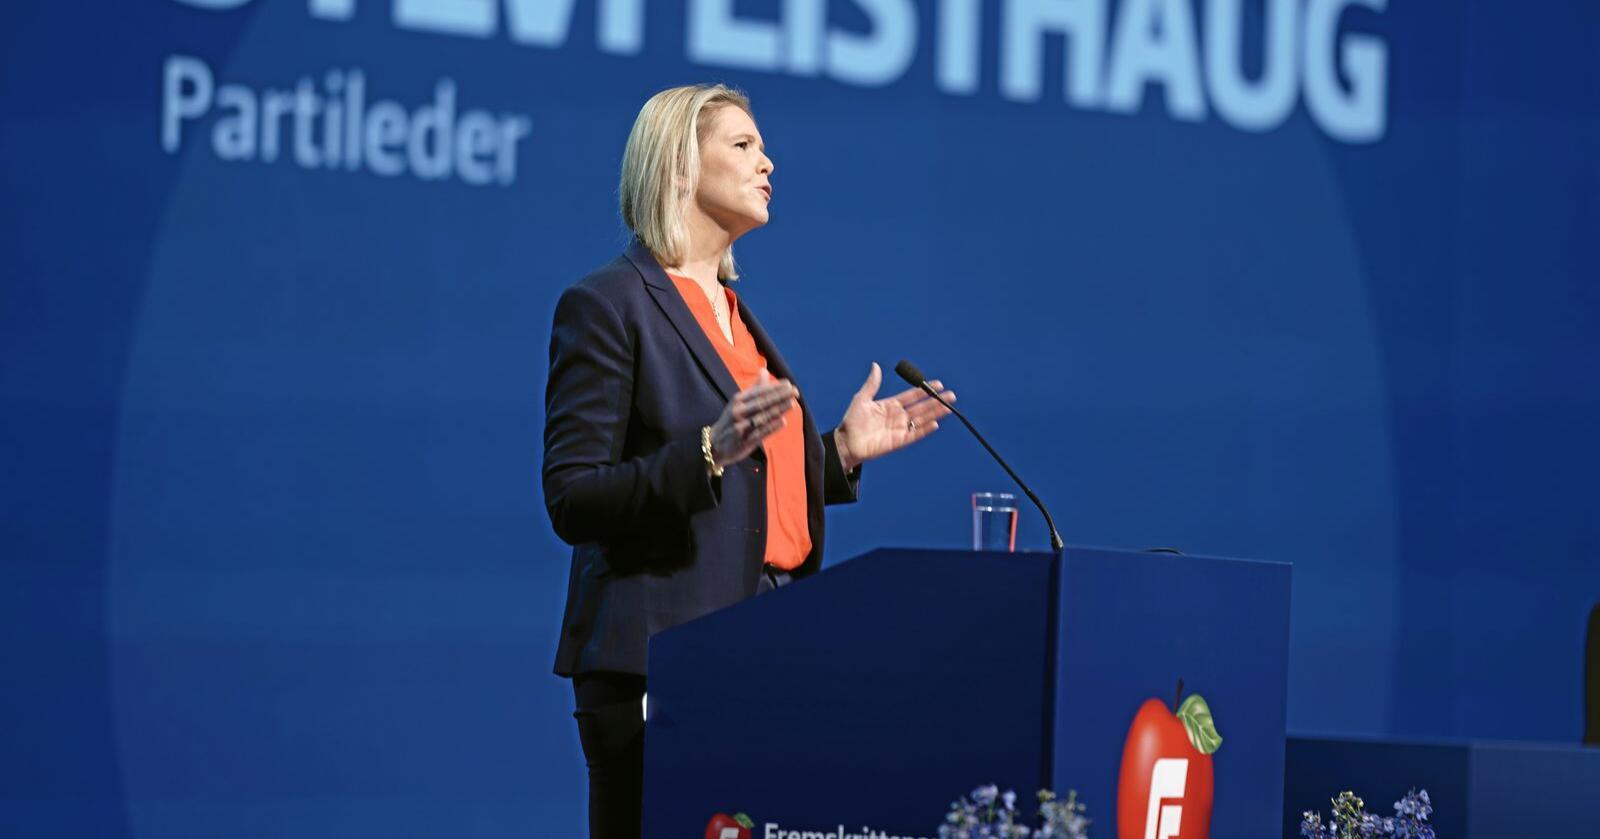 Hei til EU: Partileder Sylvi Listhaug og Frp stemmer mandag for å melde norsk jernbane inn i EU. Foto: Stian Lysberg Solum / NTB